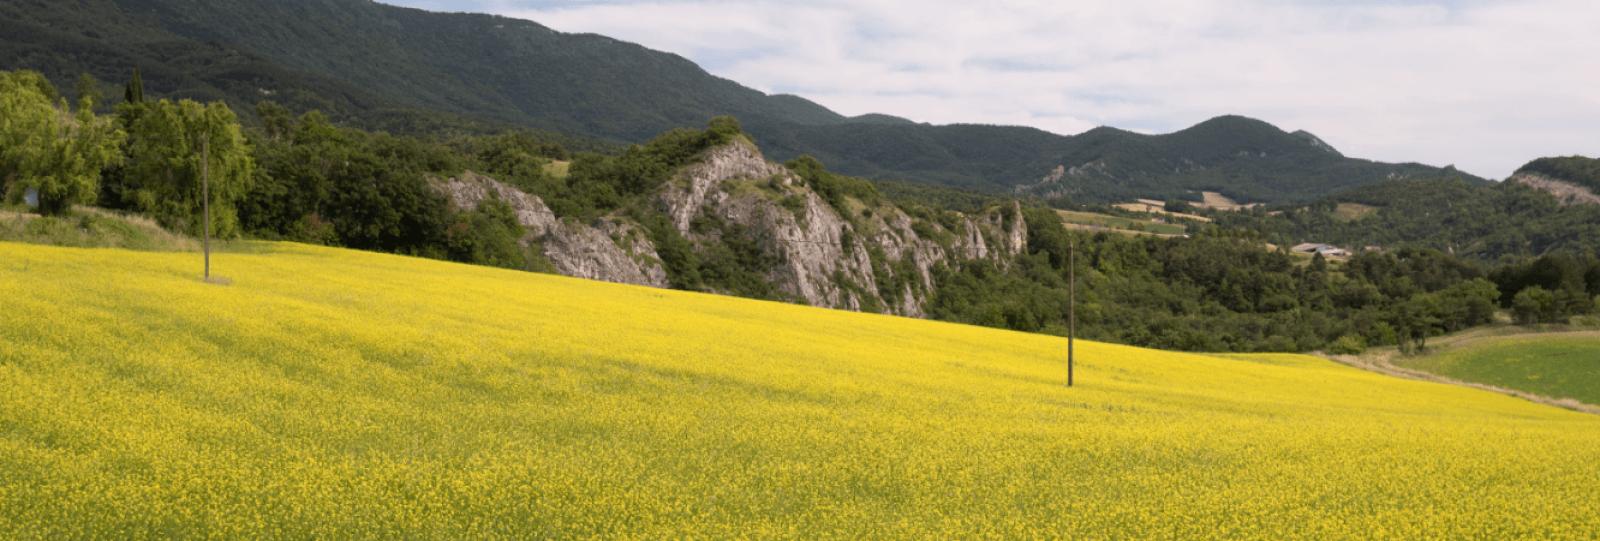 Randonnée La Baume Rocheuse